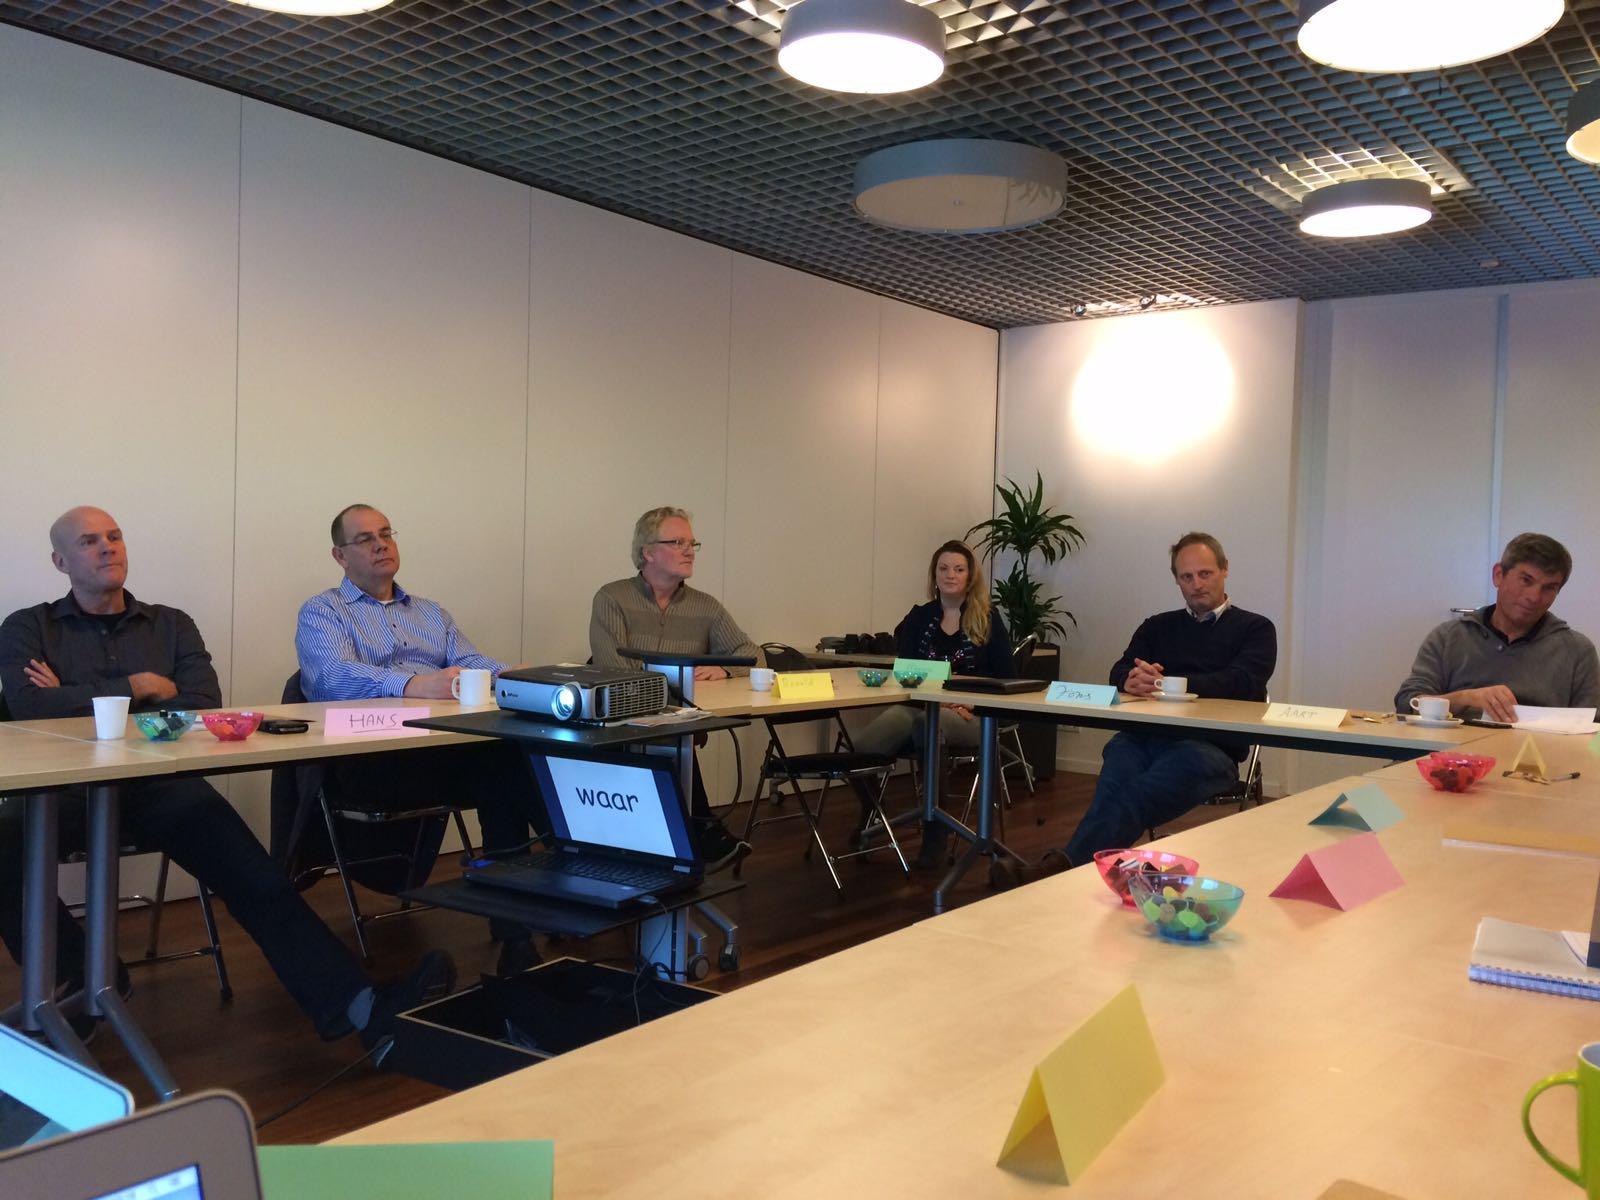 Kiekje van workshop bij SVB Amstelveen